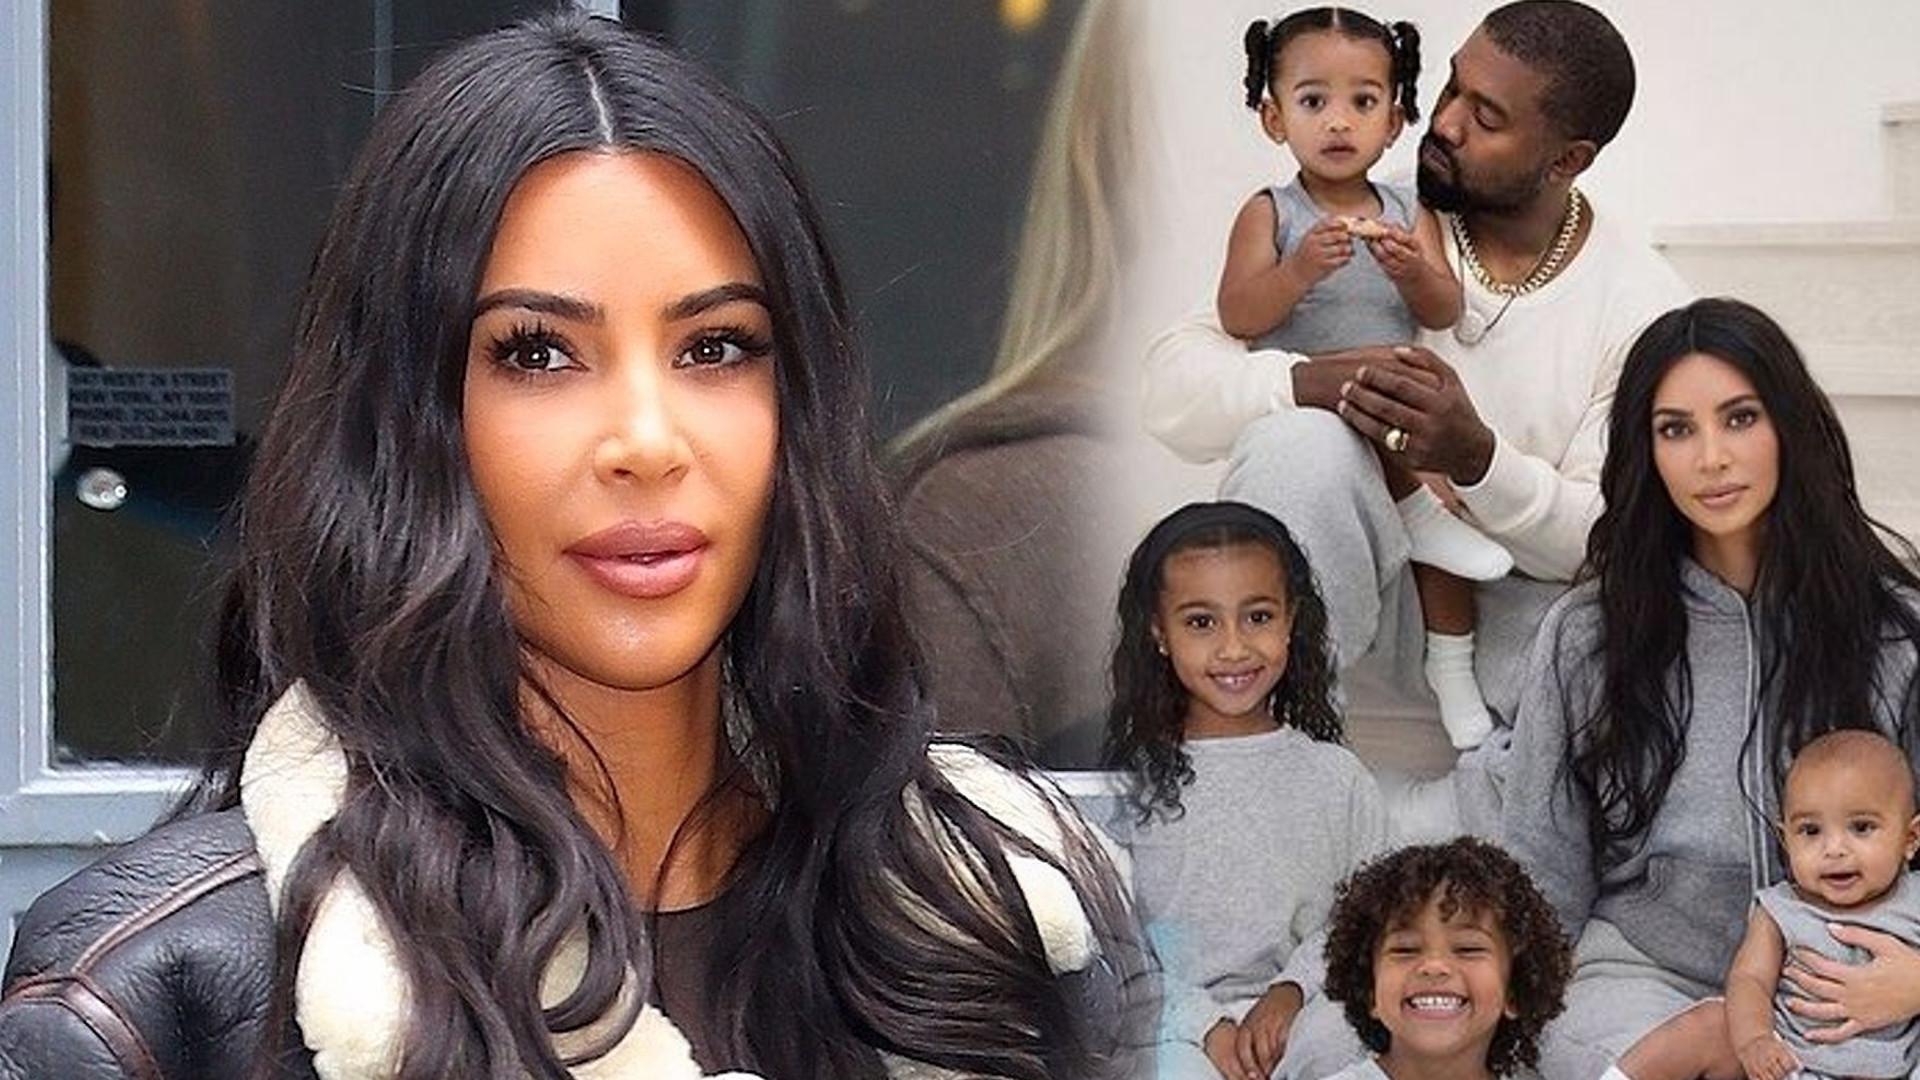 Córka Kim Kardashian ma BLIZNĘ na twarzy. Co się stało?